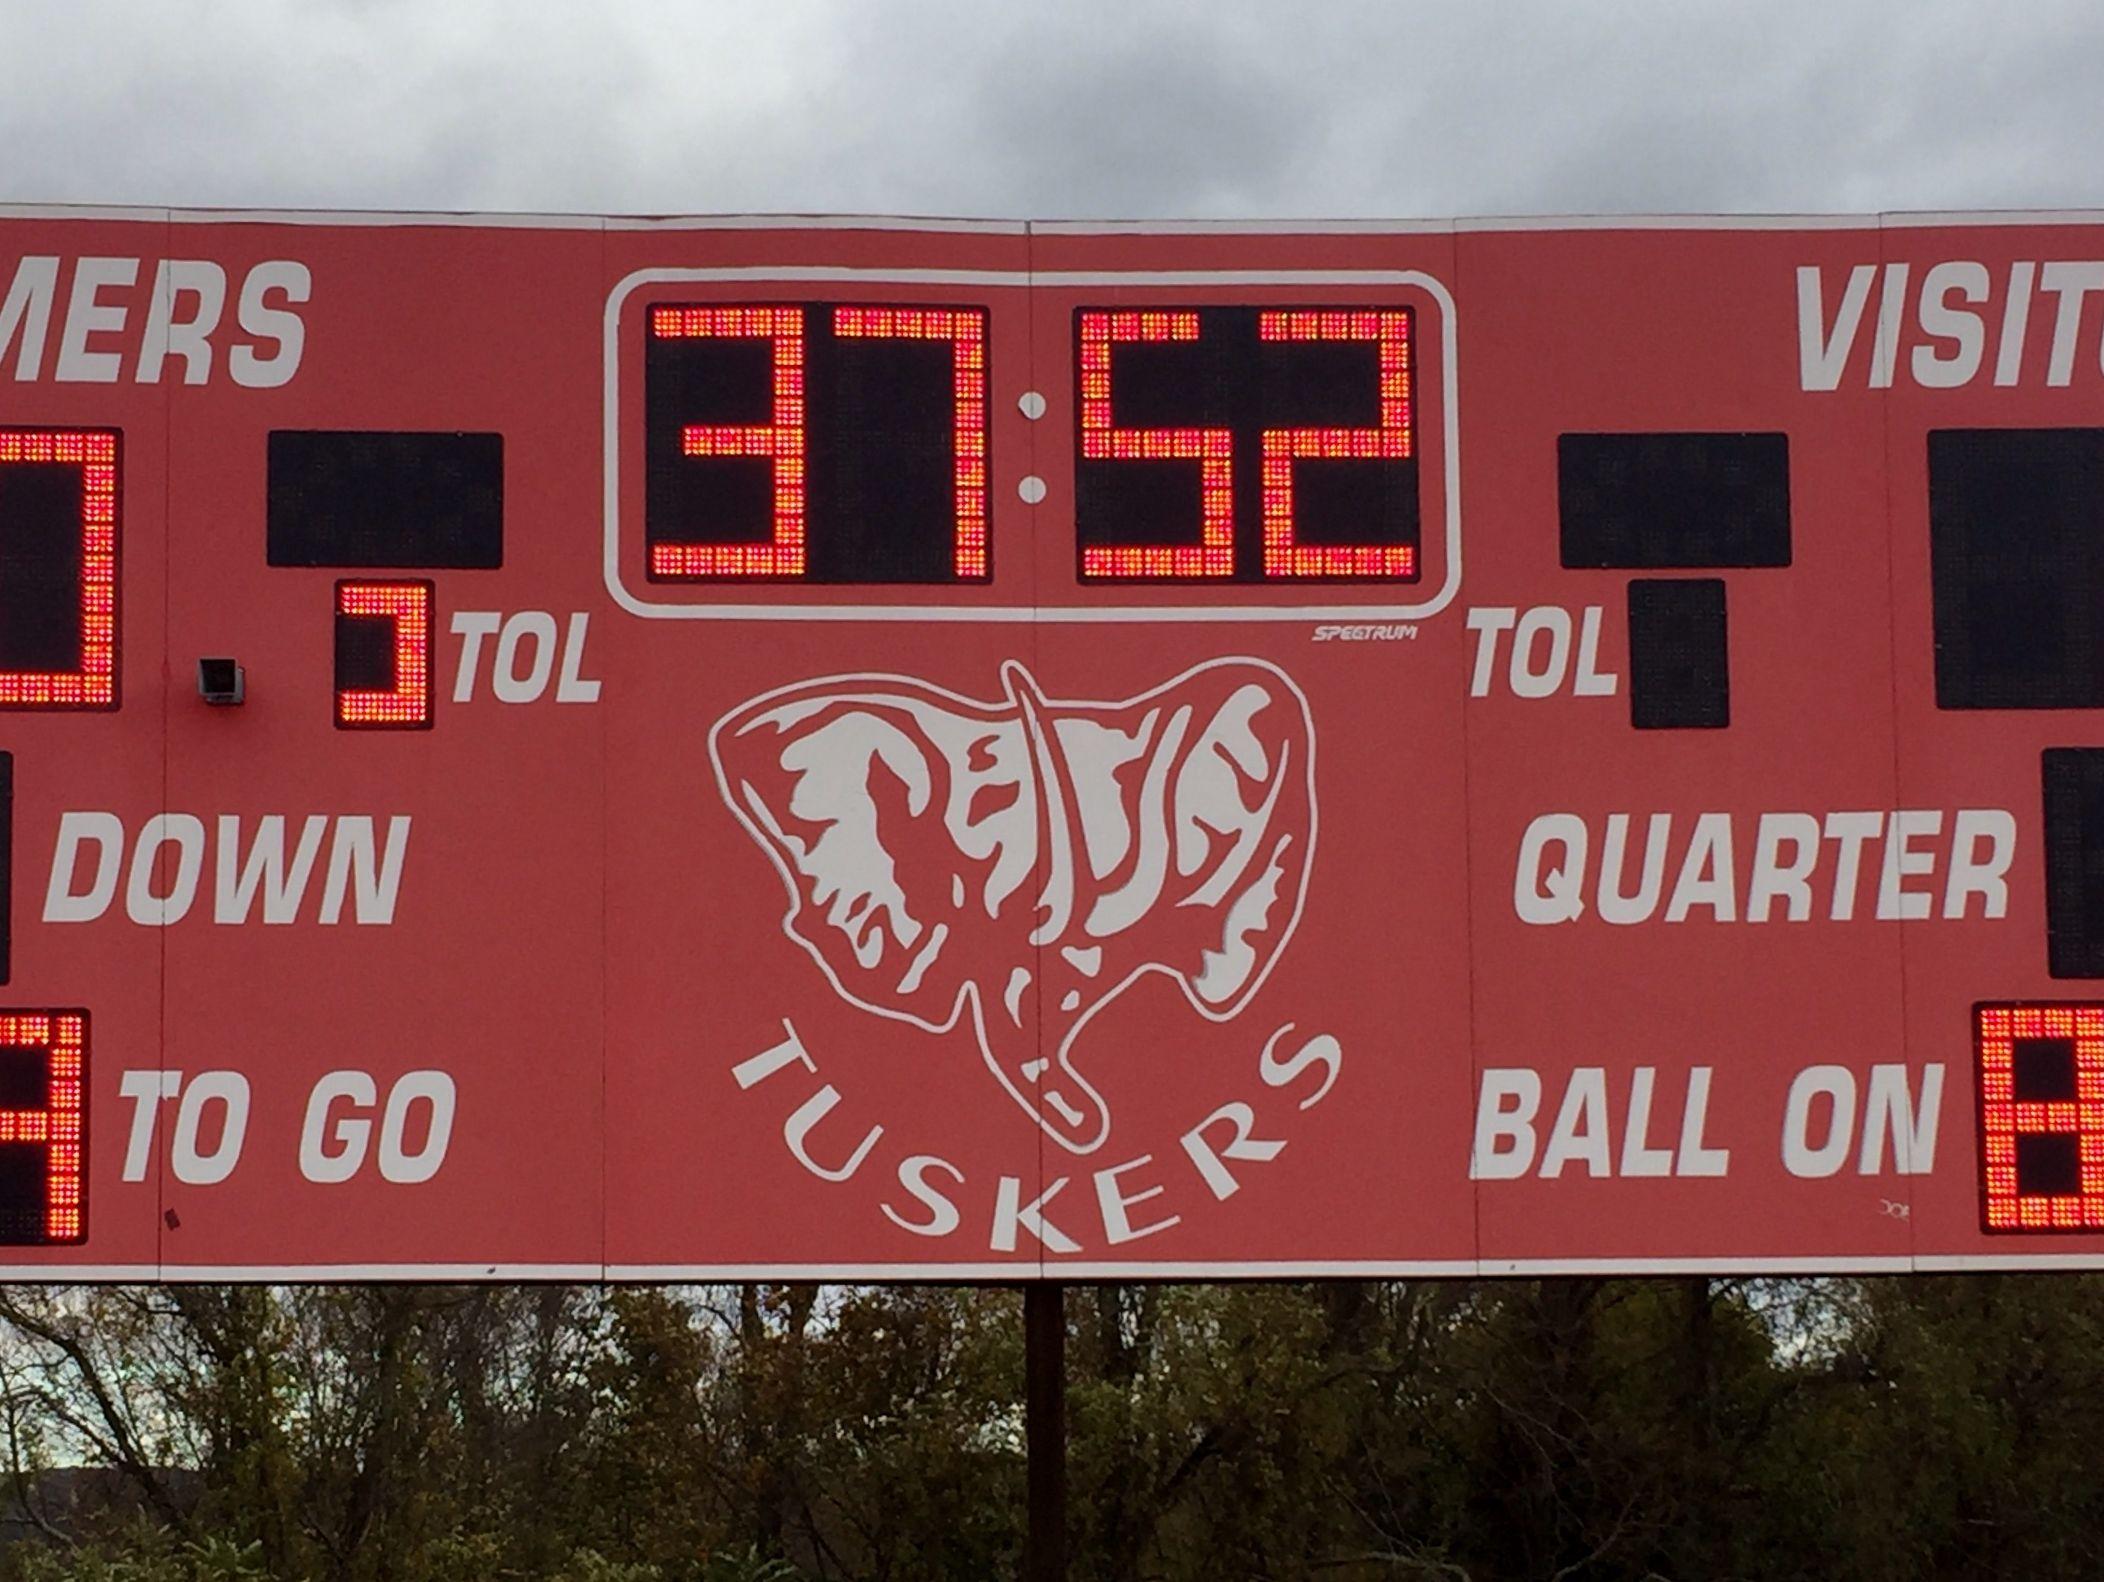 Somers scoreboard